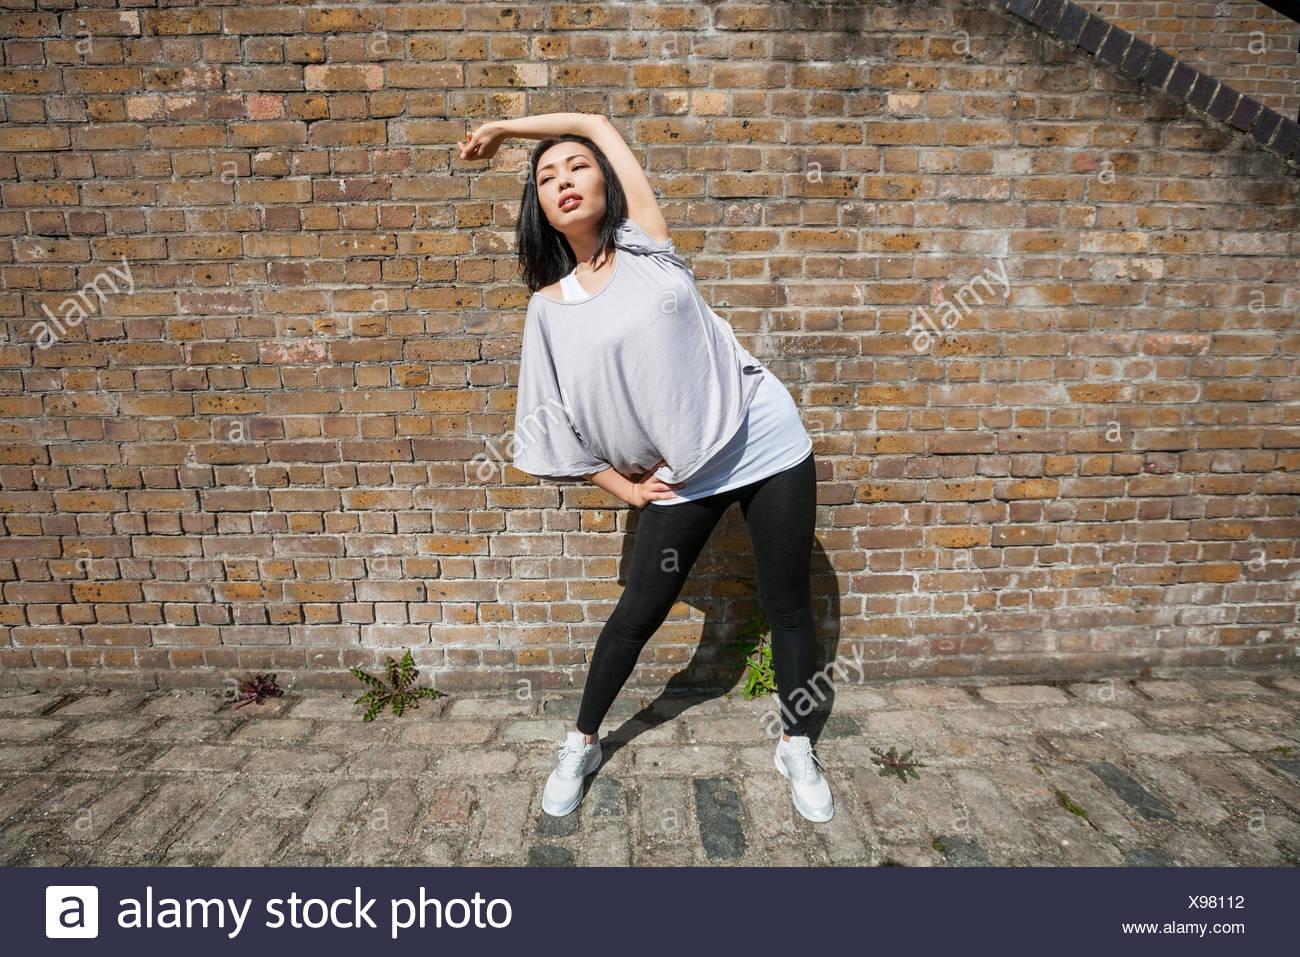 Colocar la longitud completa de la mujer realiza ejercicio de estiramiento contra la pared de ladrillo Imagen De Stock